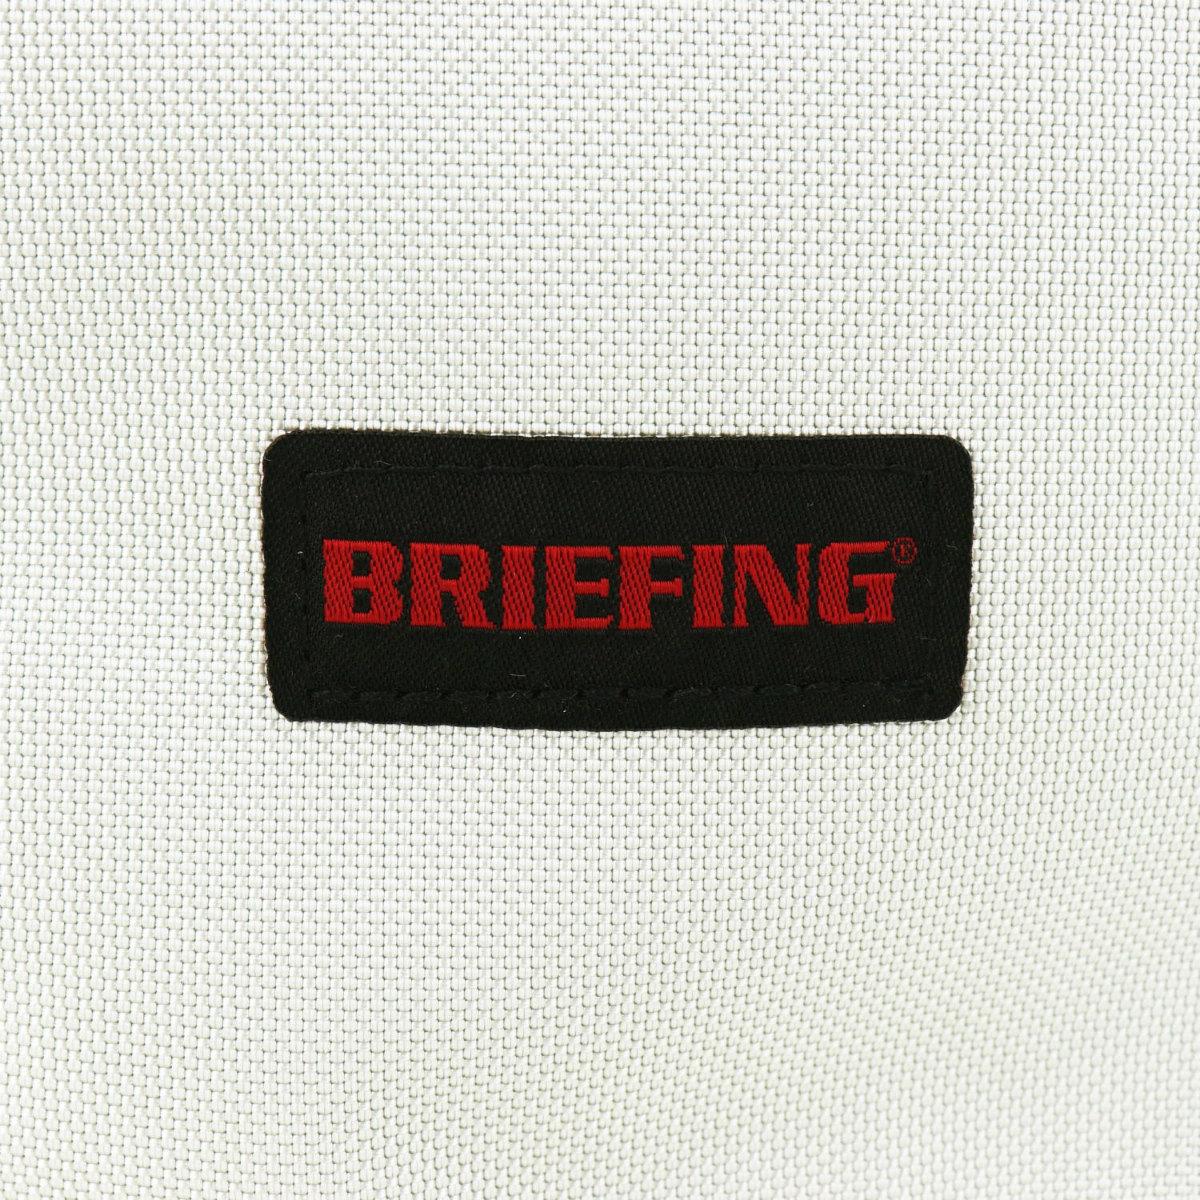 ブリーフィングゴルフ BRIEFING GOLF GARMENT BOX AIR ガーメントボックス PRO SERIES BRG203G19 BRG 006 SILVER(シルバー) 春夏新作